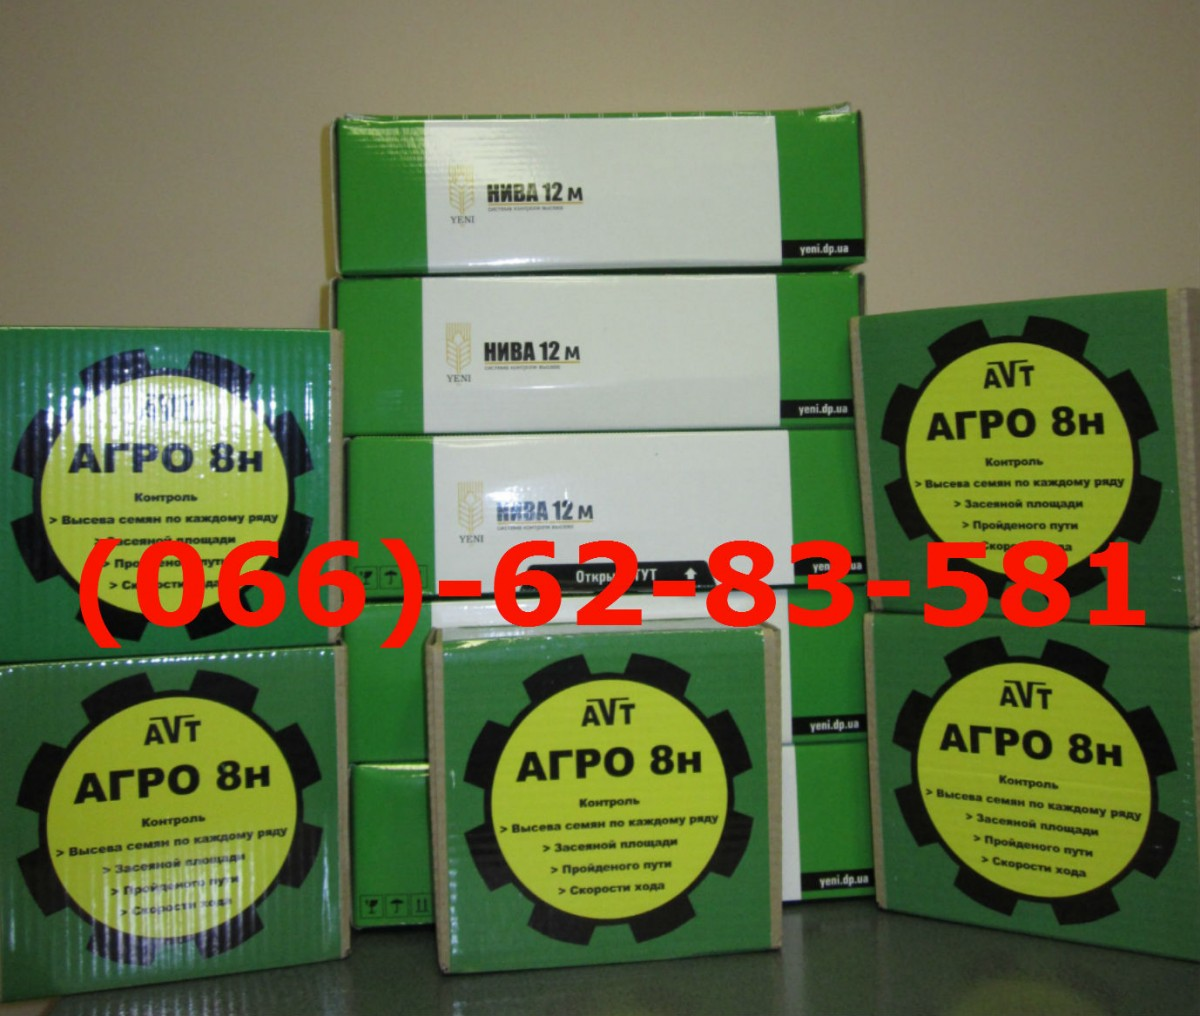 Агро 8н система контроля семян (СУПН, Упс-, Веста, СУ-8 Гибрид, СПУ-8,